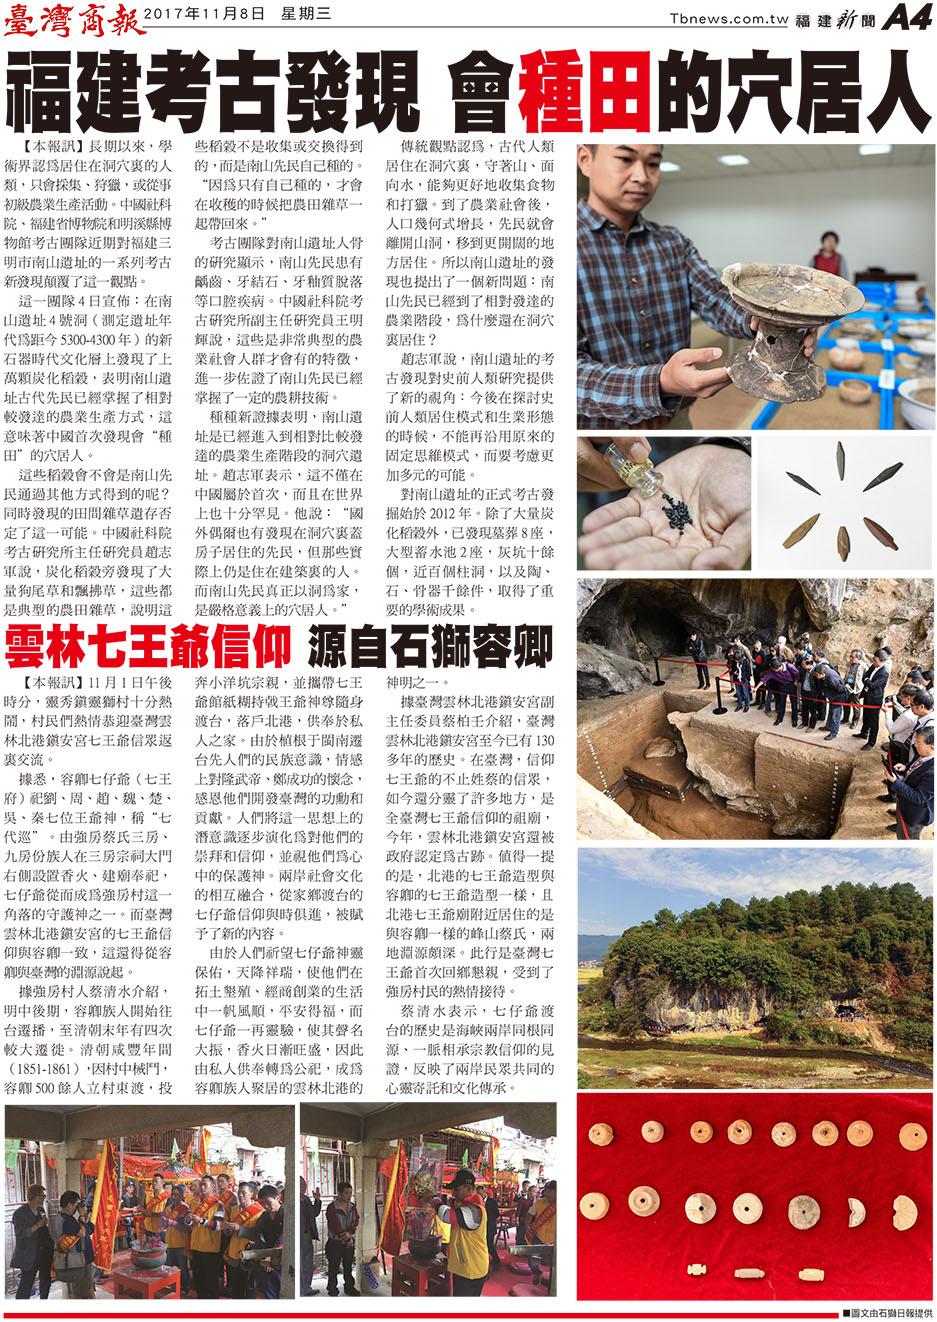 福建考古發現 會種田的穴居人